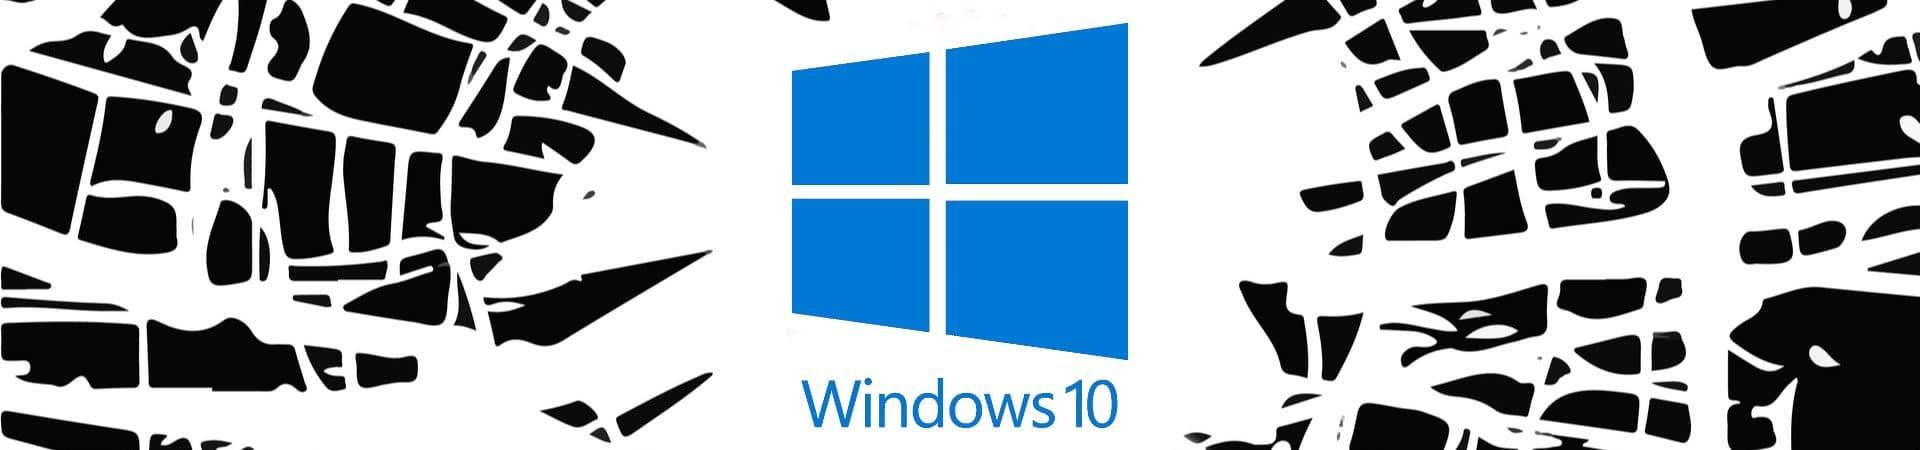 Imagem mostra um vidro estilhaçado com a logomarca do Windows 10 ao centro